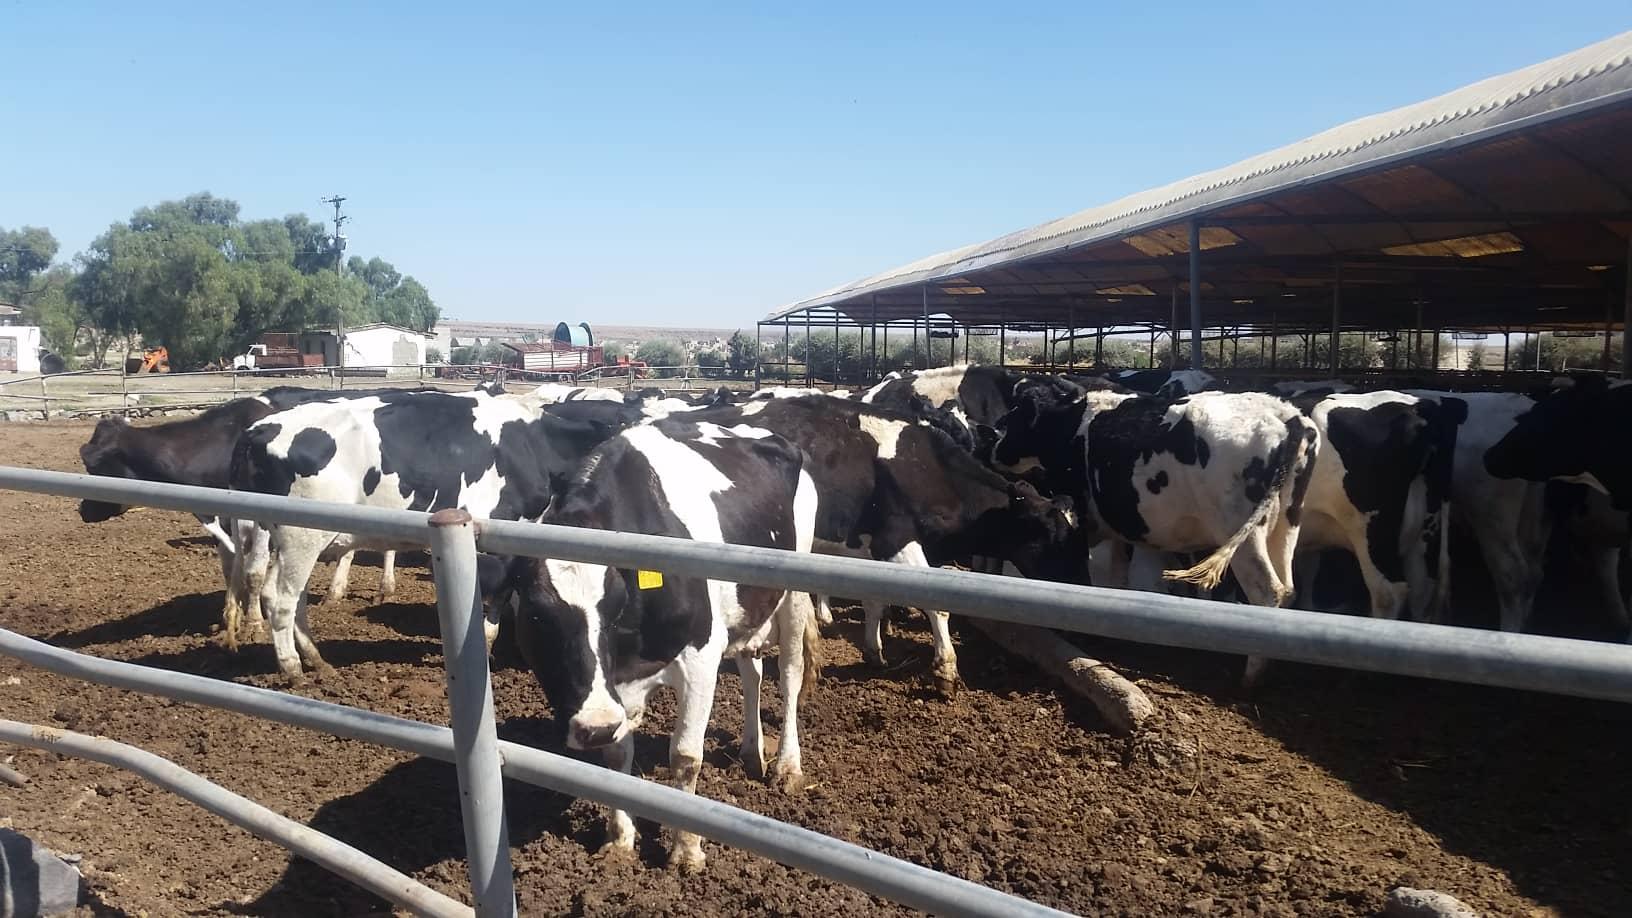 dhamar rosabah farm cows 3 Nov 2018 for OWAP AR Hisham pic.jpg